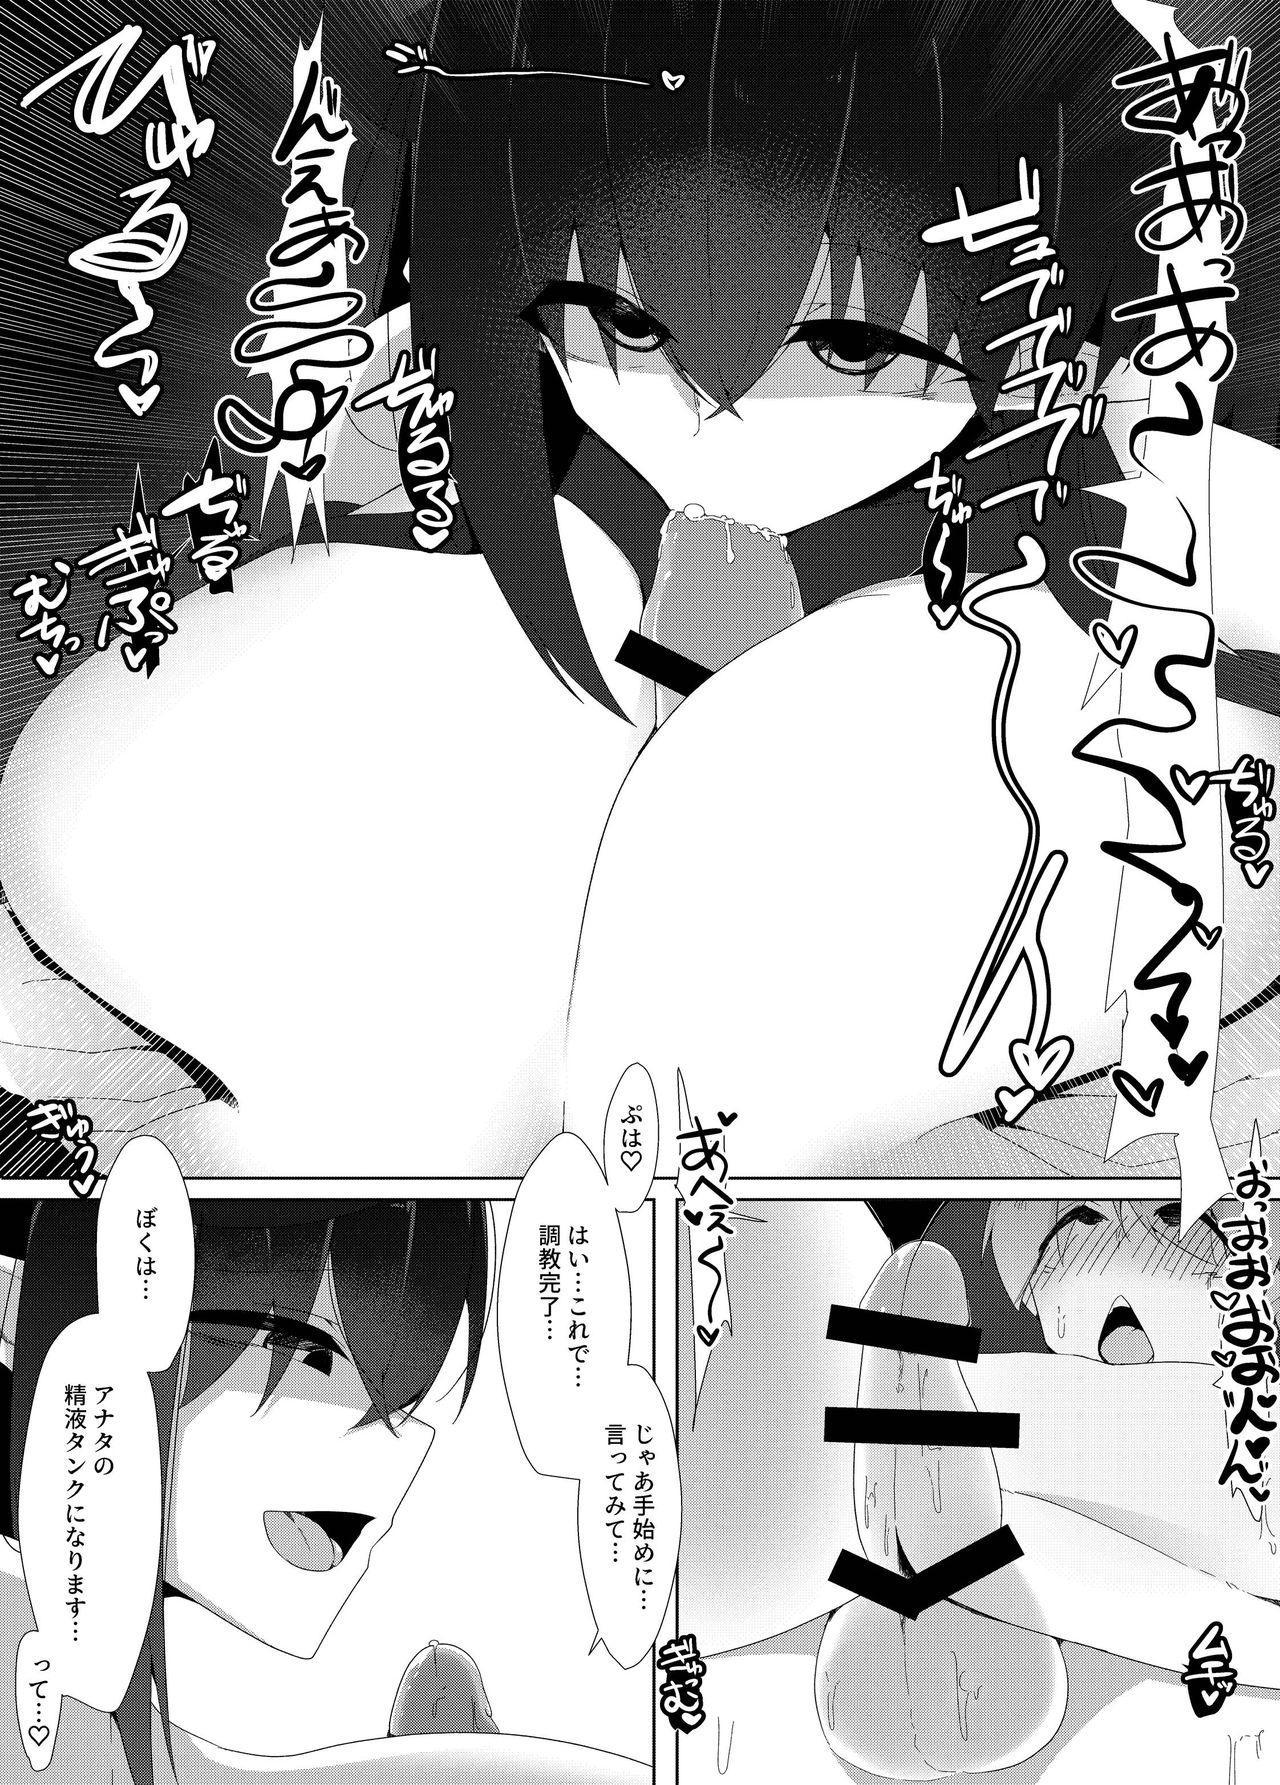 Tenkousei no Succubus ga 〇 Gakkou o Nottori Sakusei Shisetsu ni Shichau Hanashi 24